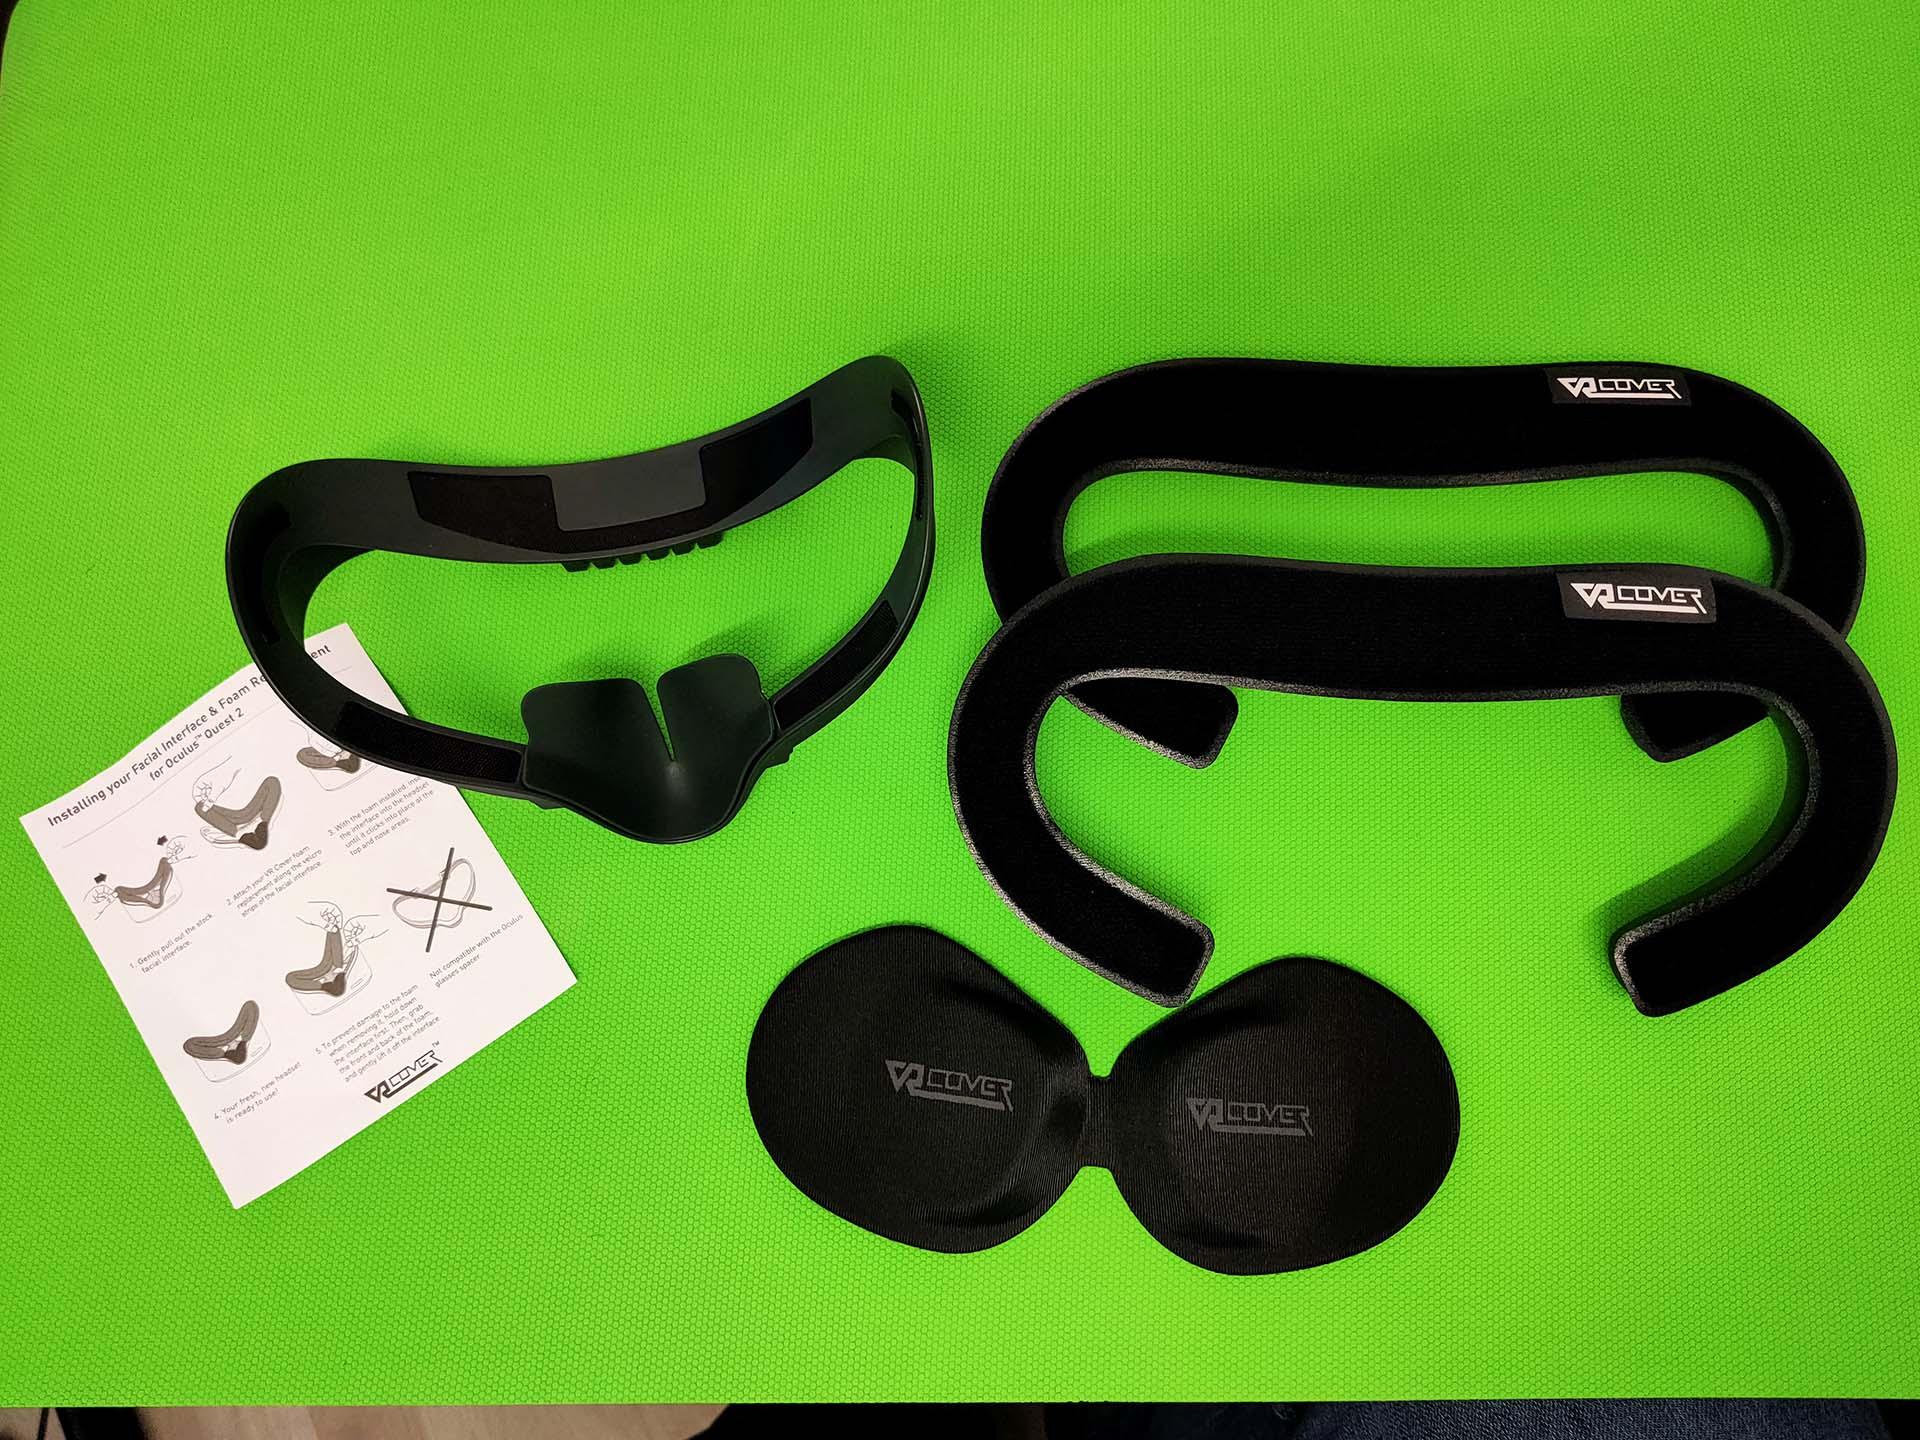 De VR Covers worden netjes verpakt en zijn erg uitgebreid.